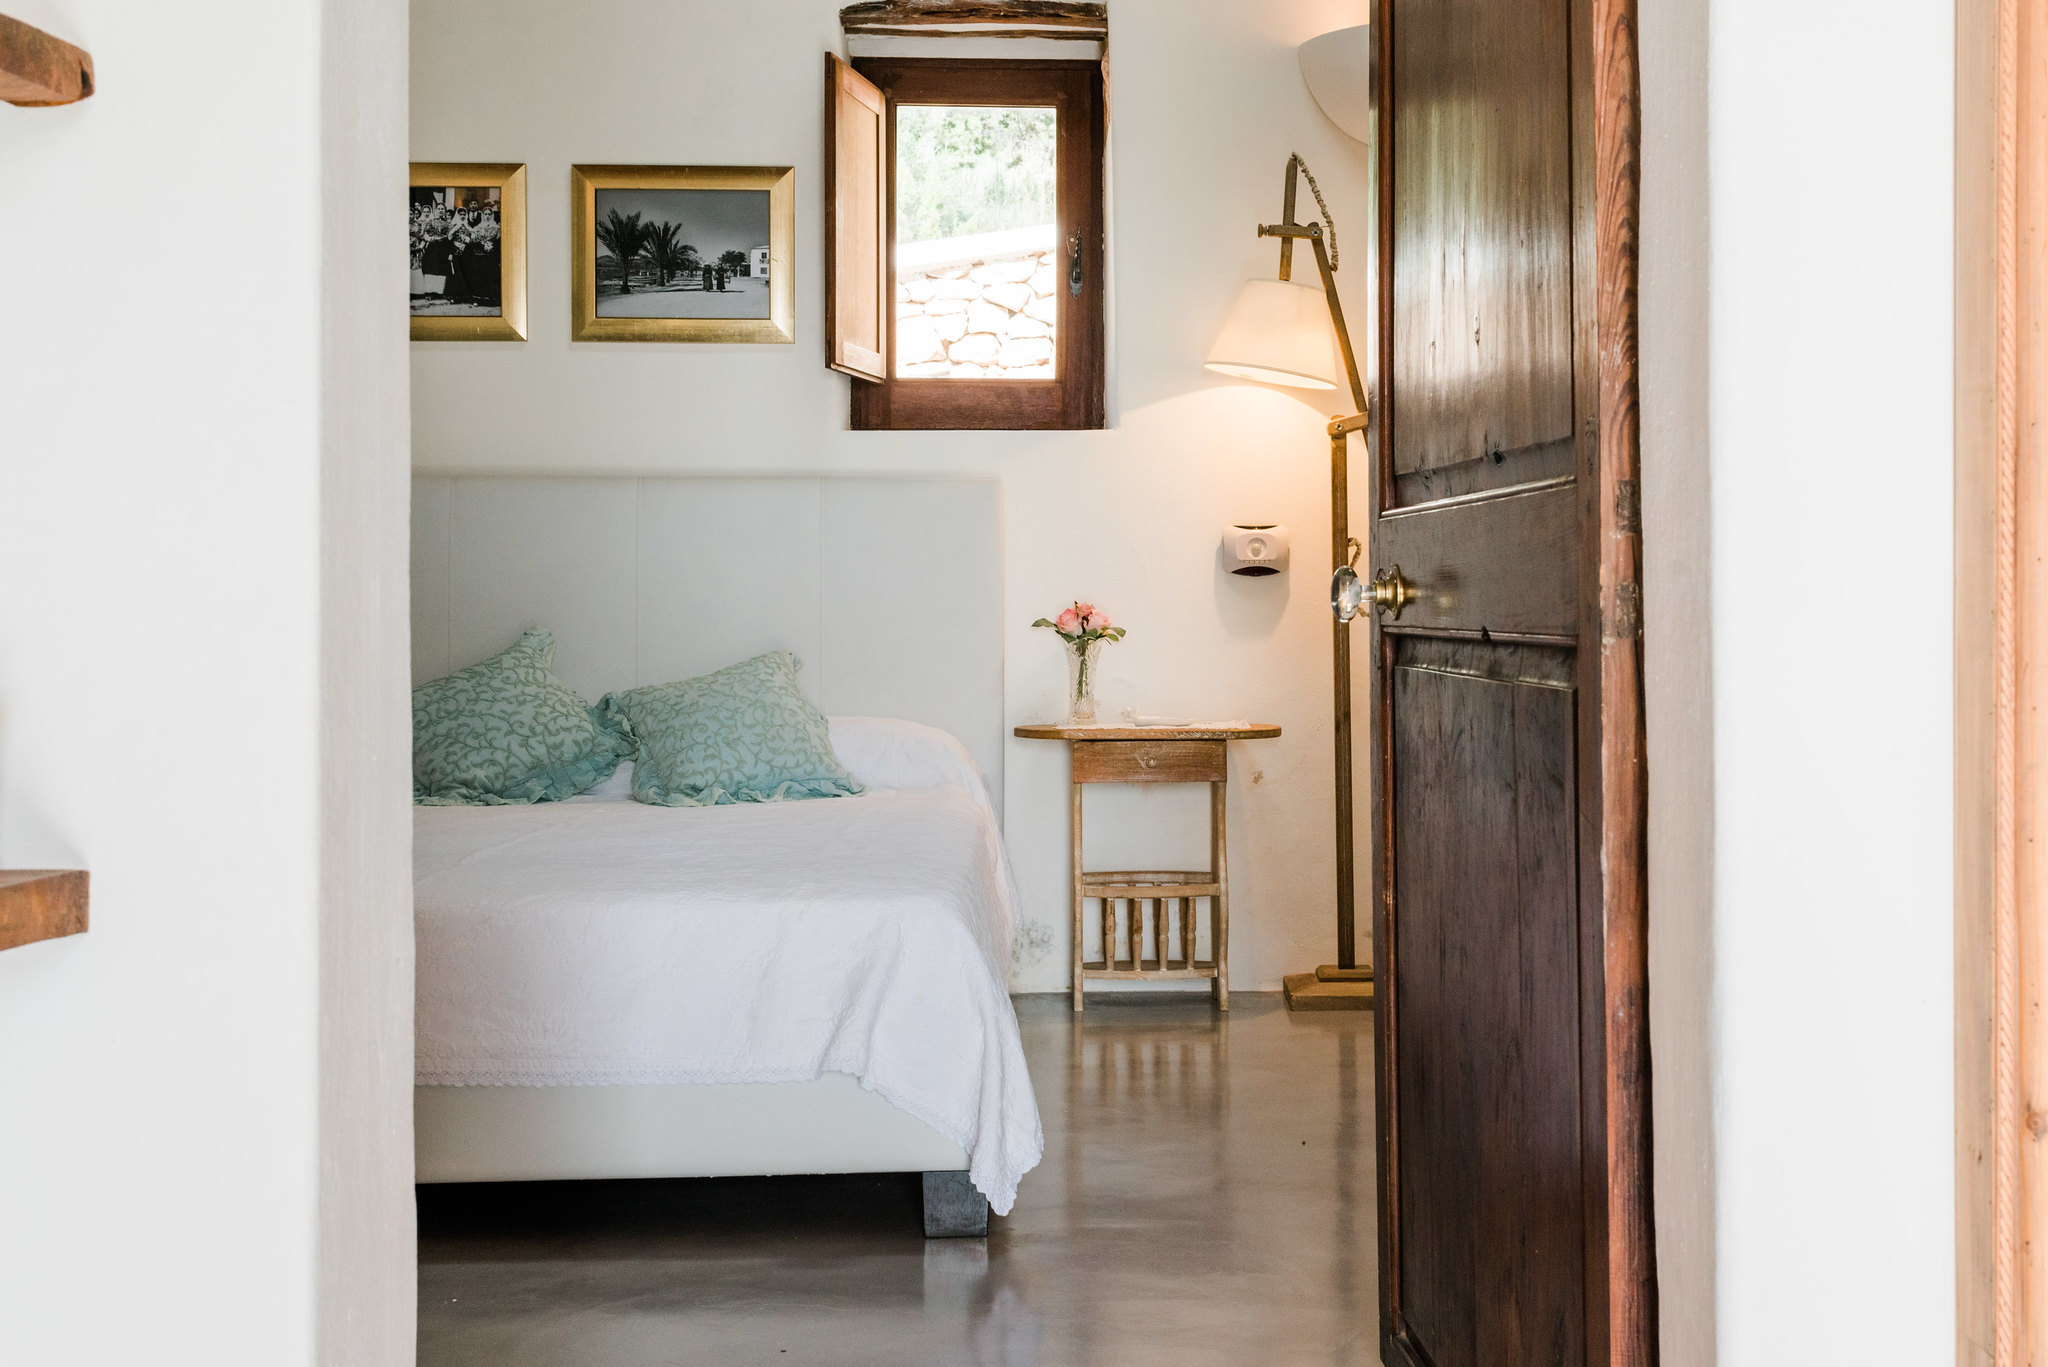 https://www.white-ibiza.com/wp-content/uploads/2020/06/white-ibiza-villas-los-corrales-interior-bedroom3.jpg